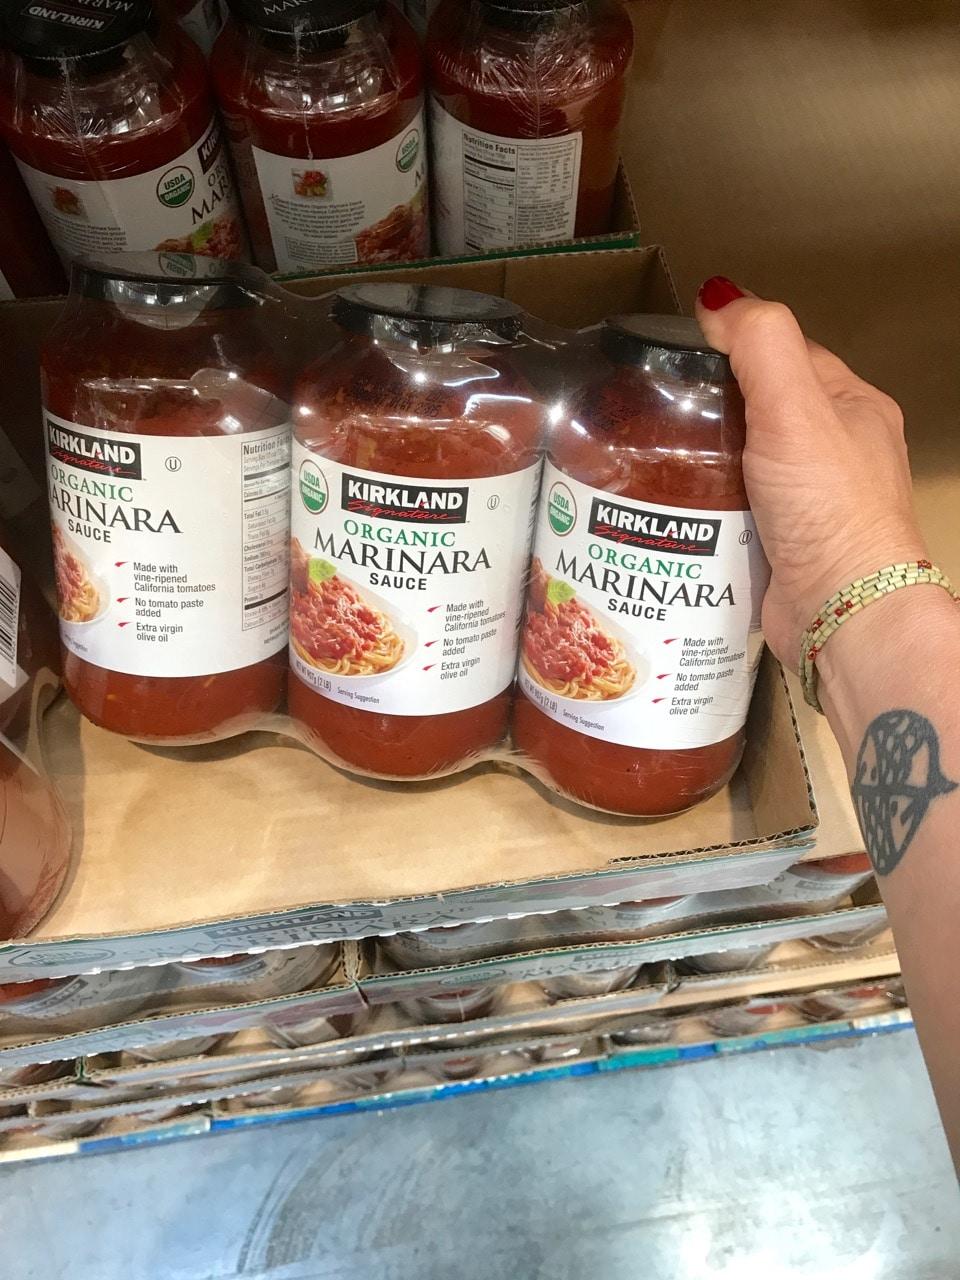 Kirkland Marinara Sauce